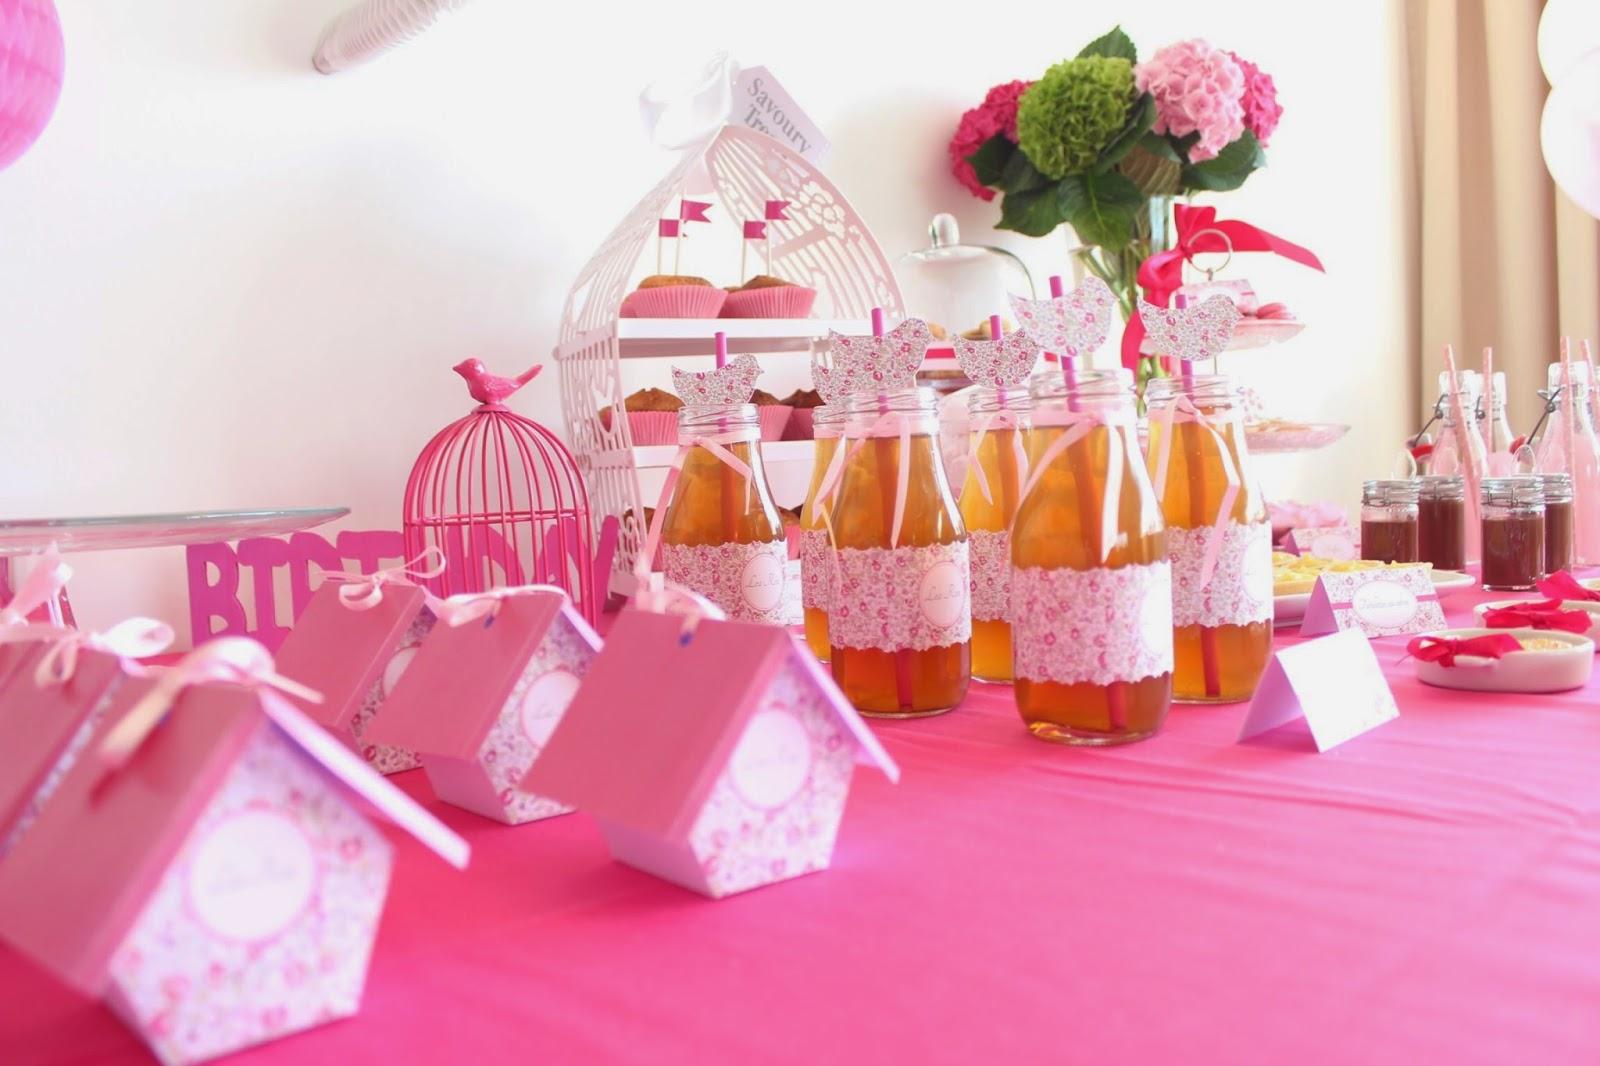 table d'anniversaire decoree de bouteilles et de mini cages roses pour bonbons